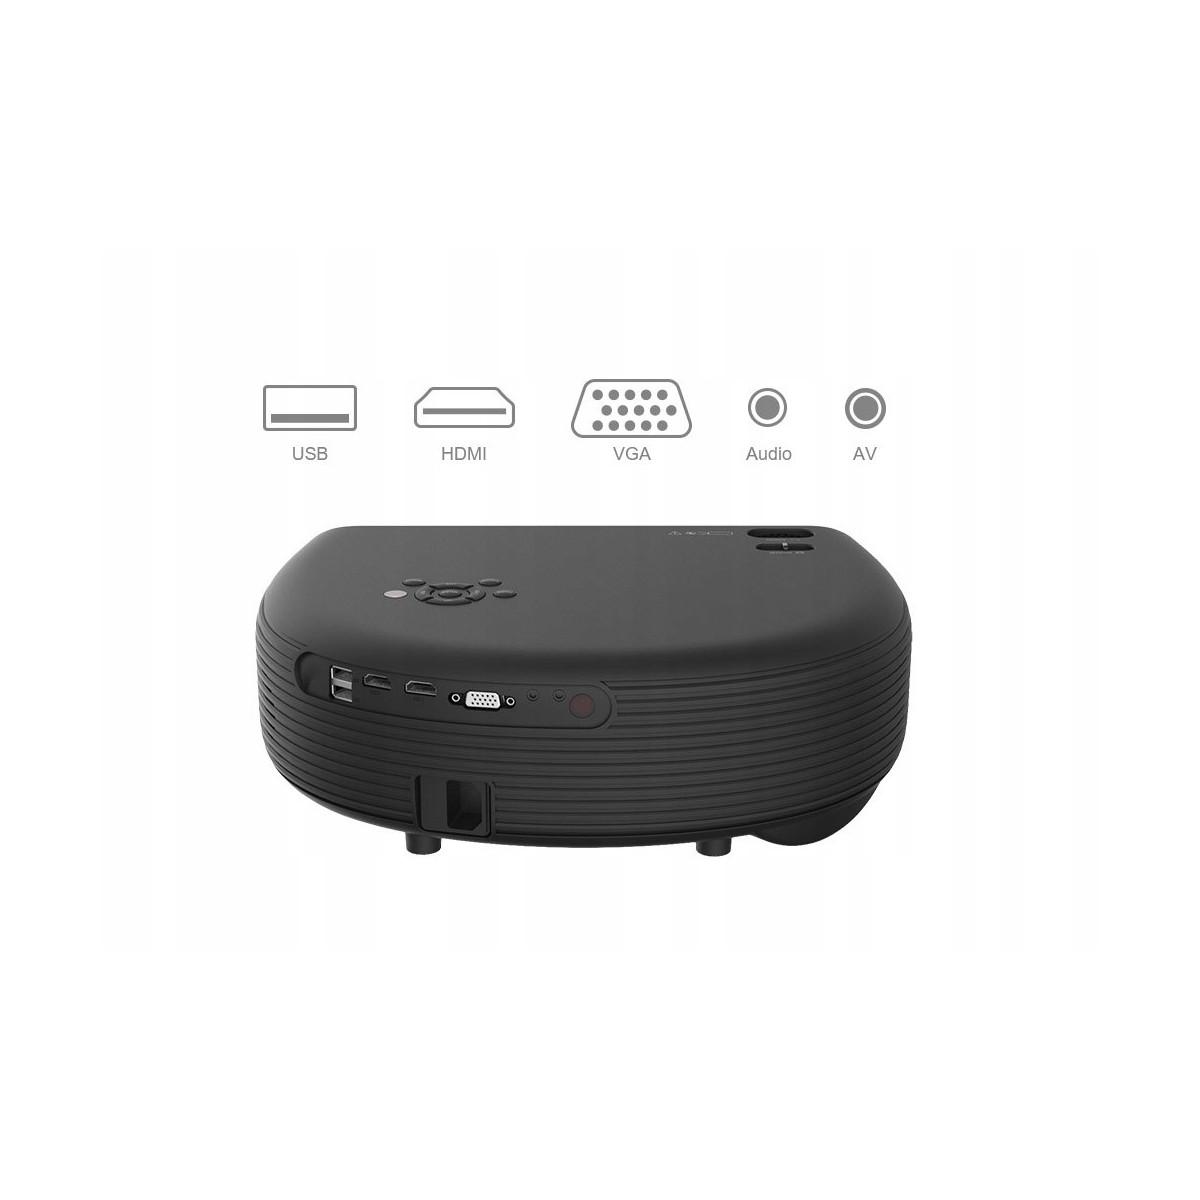 Projektor LED MAXLED CL760 3D + Tuner TV - Sklep New-Electric